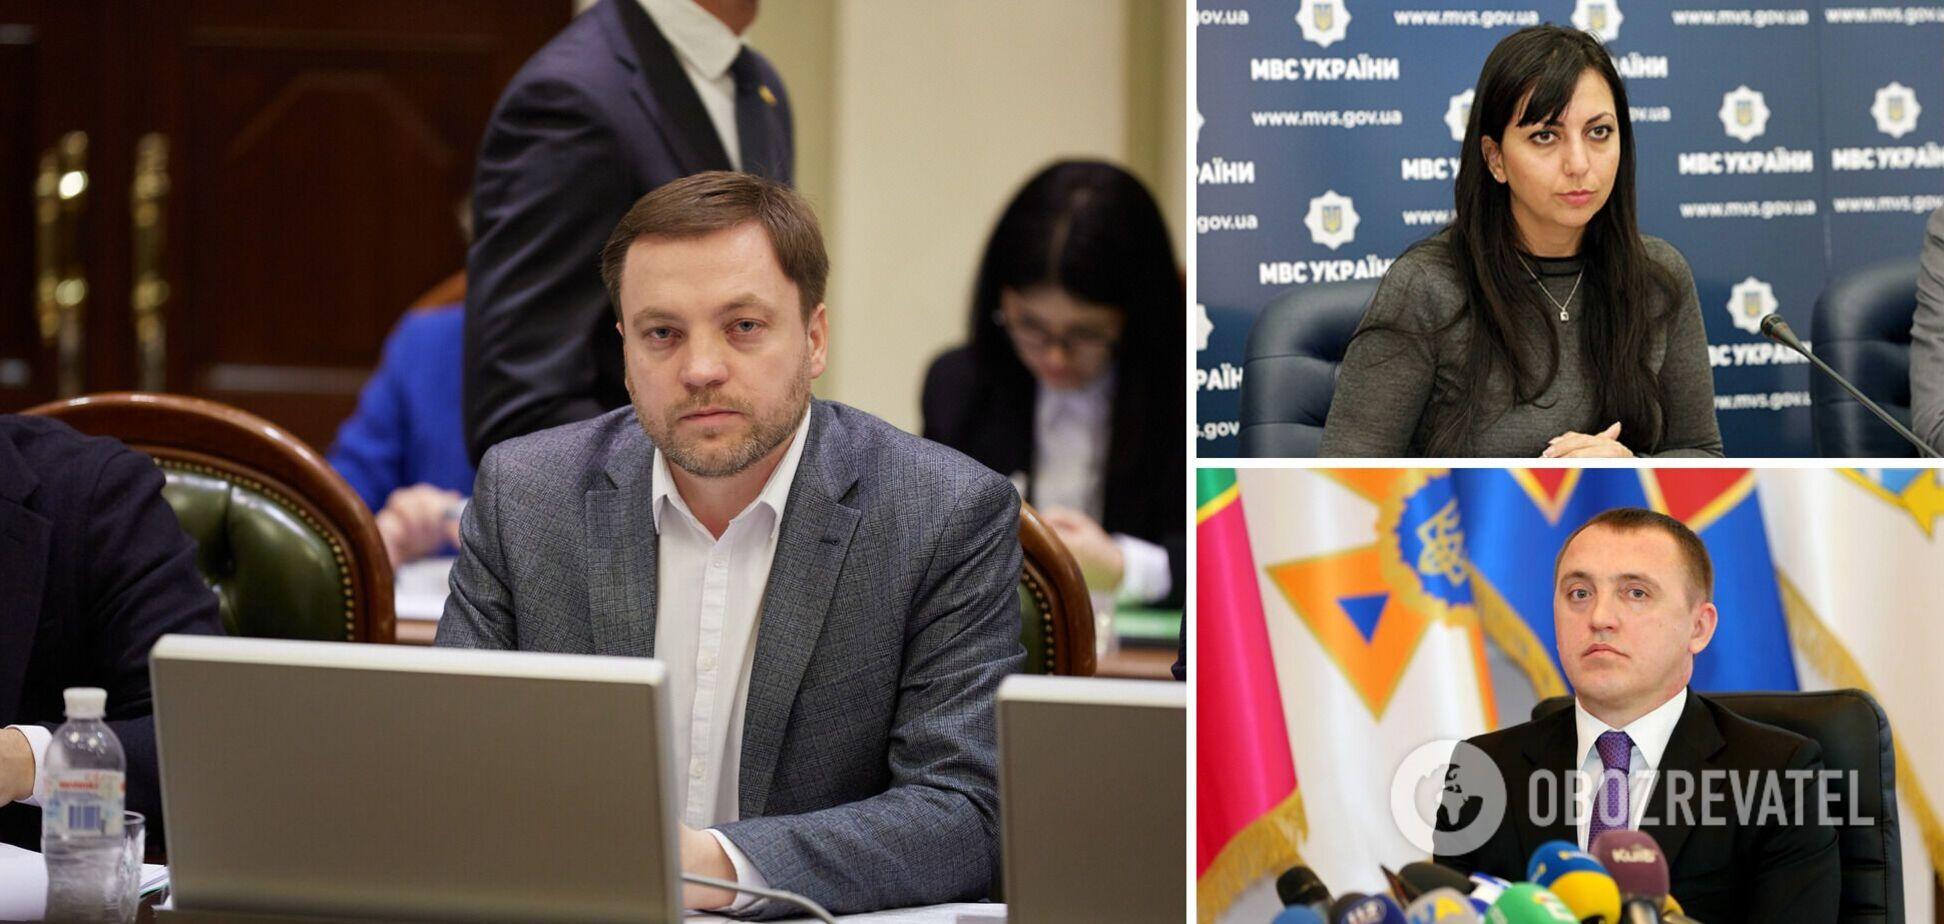 Названо імена ймовірних заступників глави МВС Монастирського. Фото